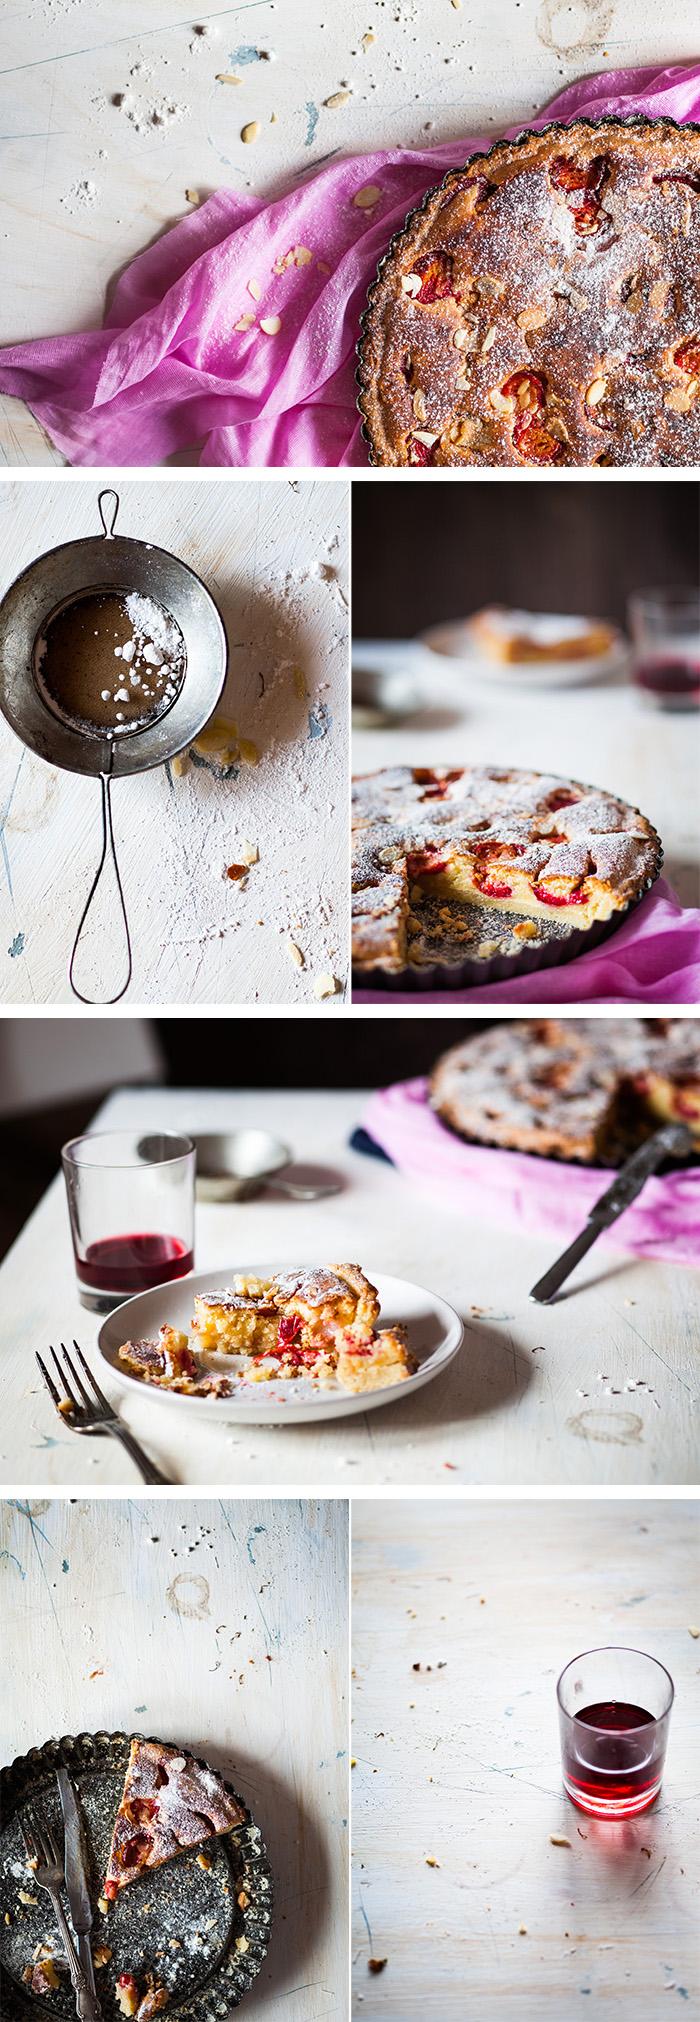 Пирог со сливами и миндальной стружкой